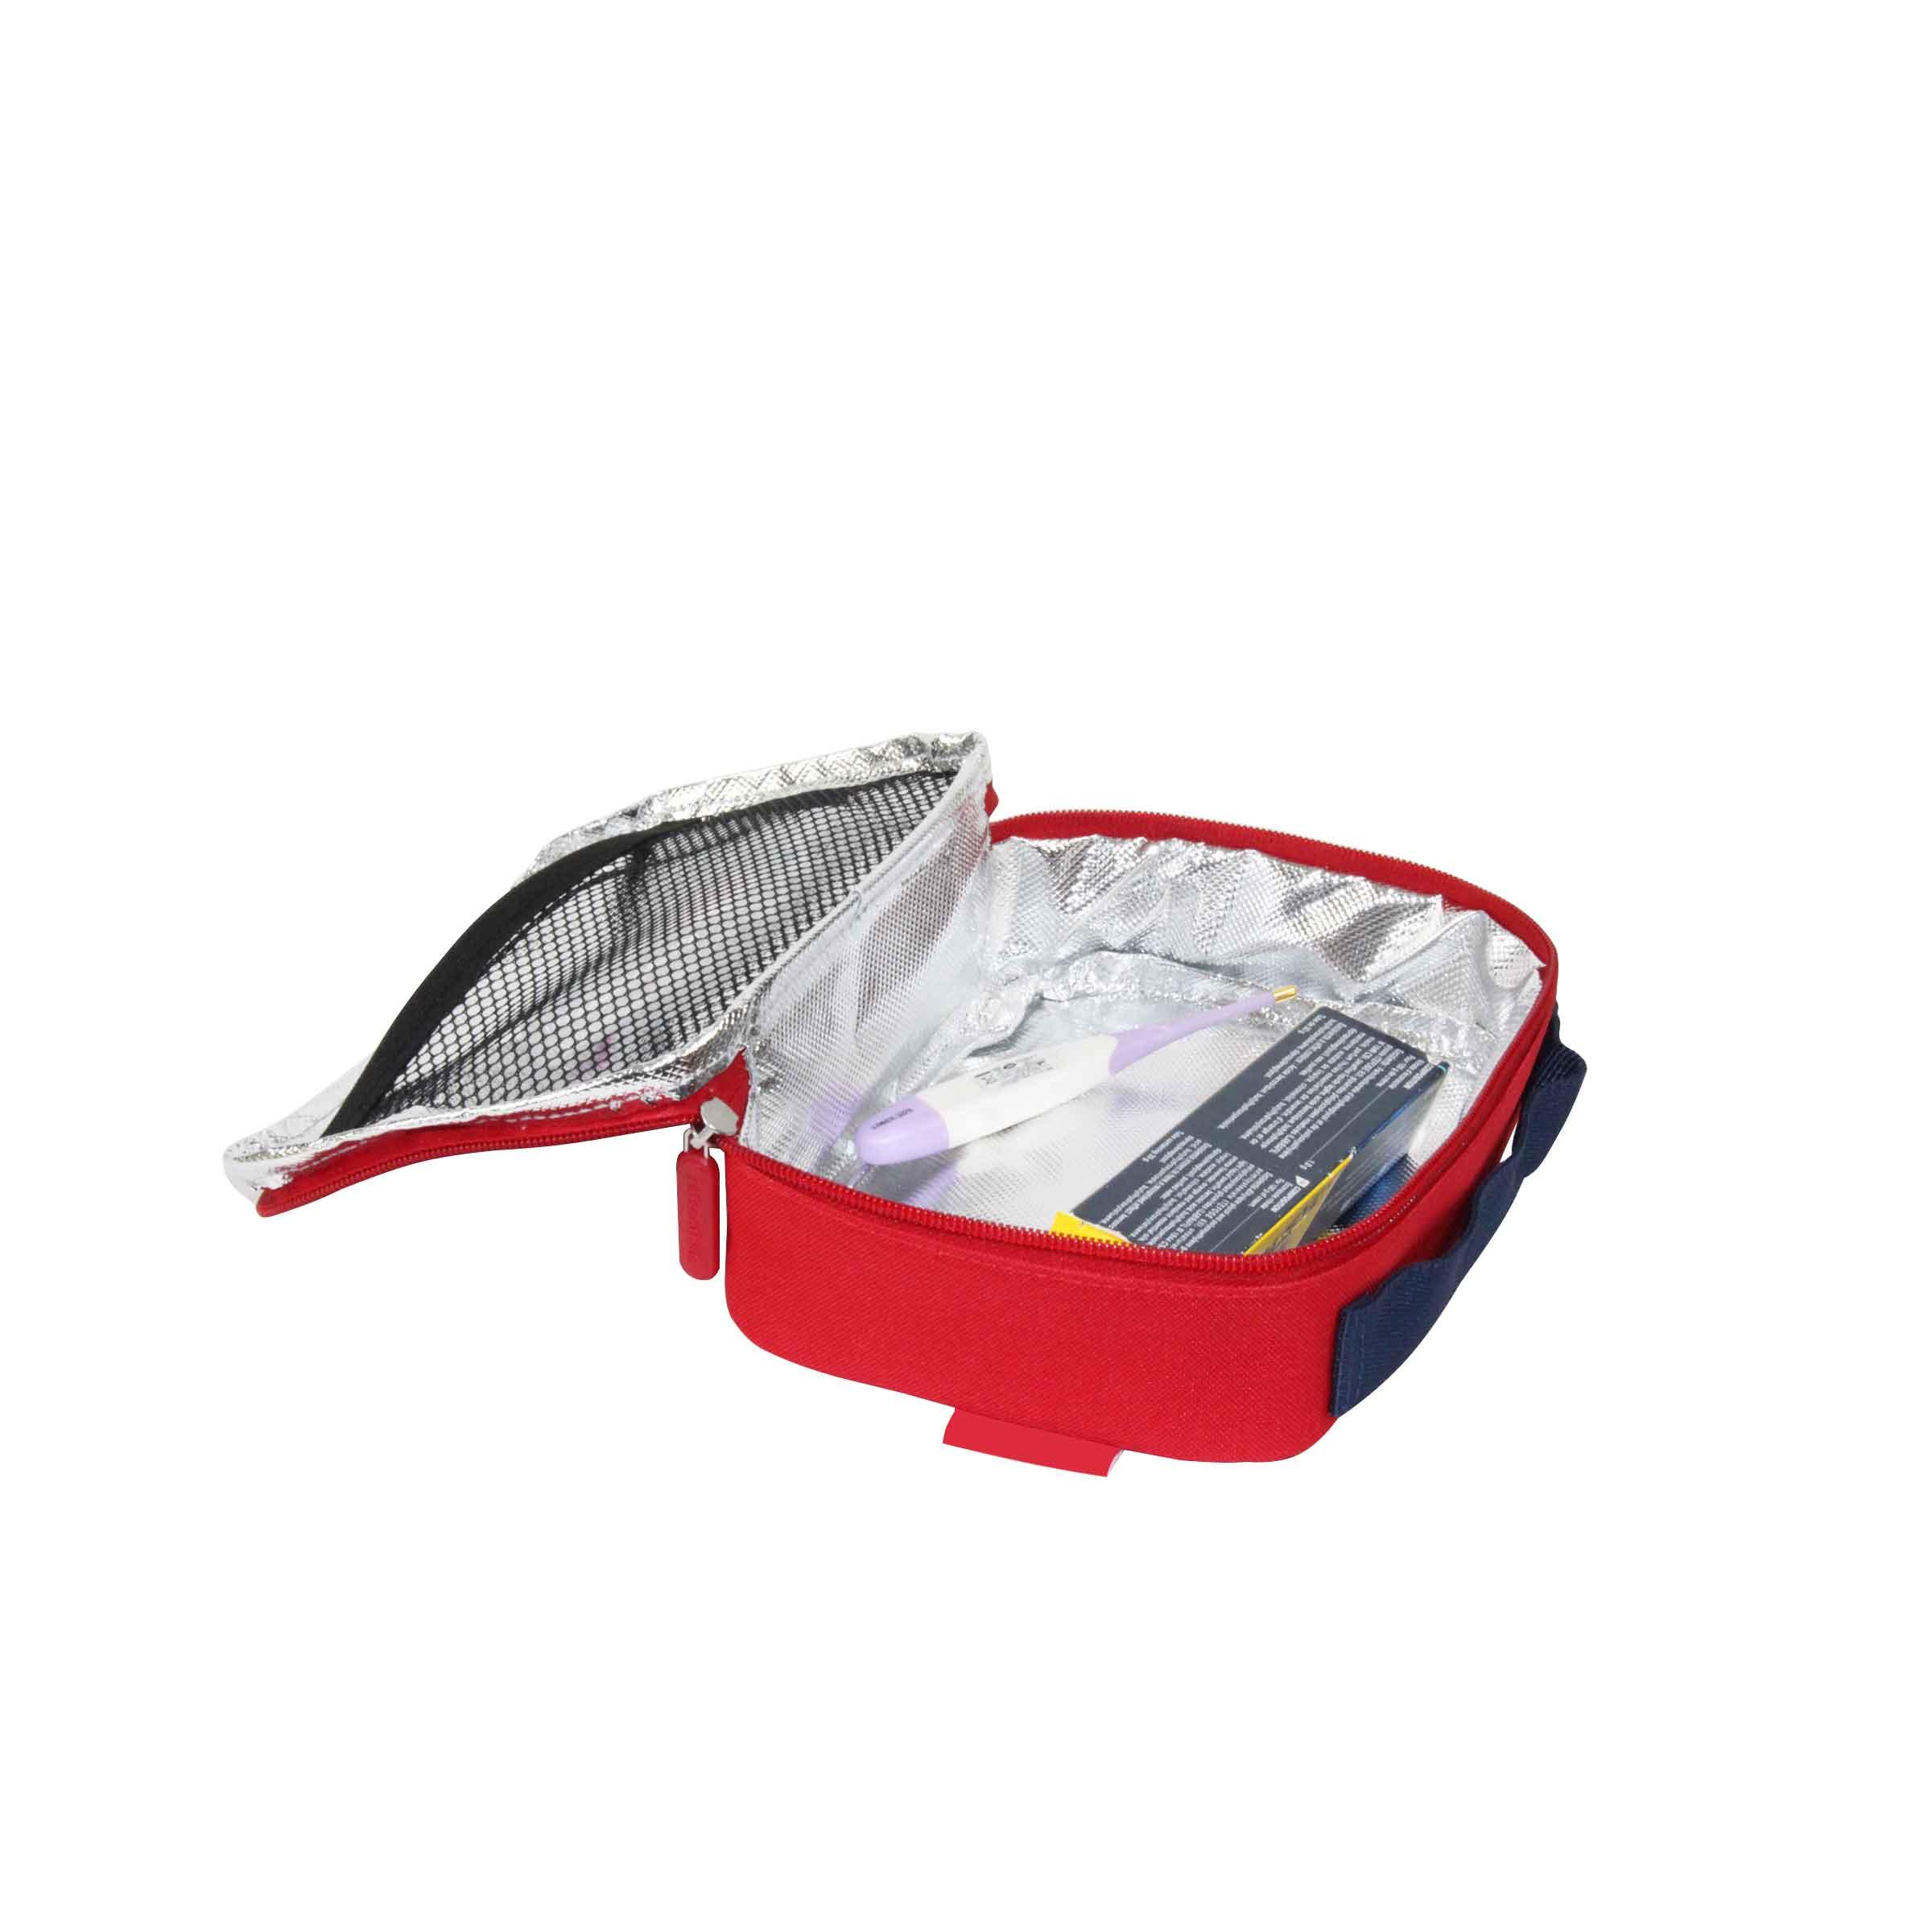 sac isotherme zippé rouge pour vaccins et médicaments thermosensibles